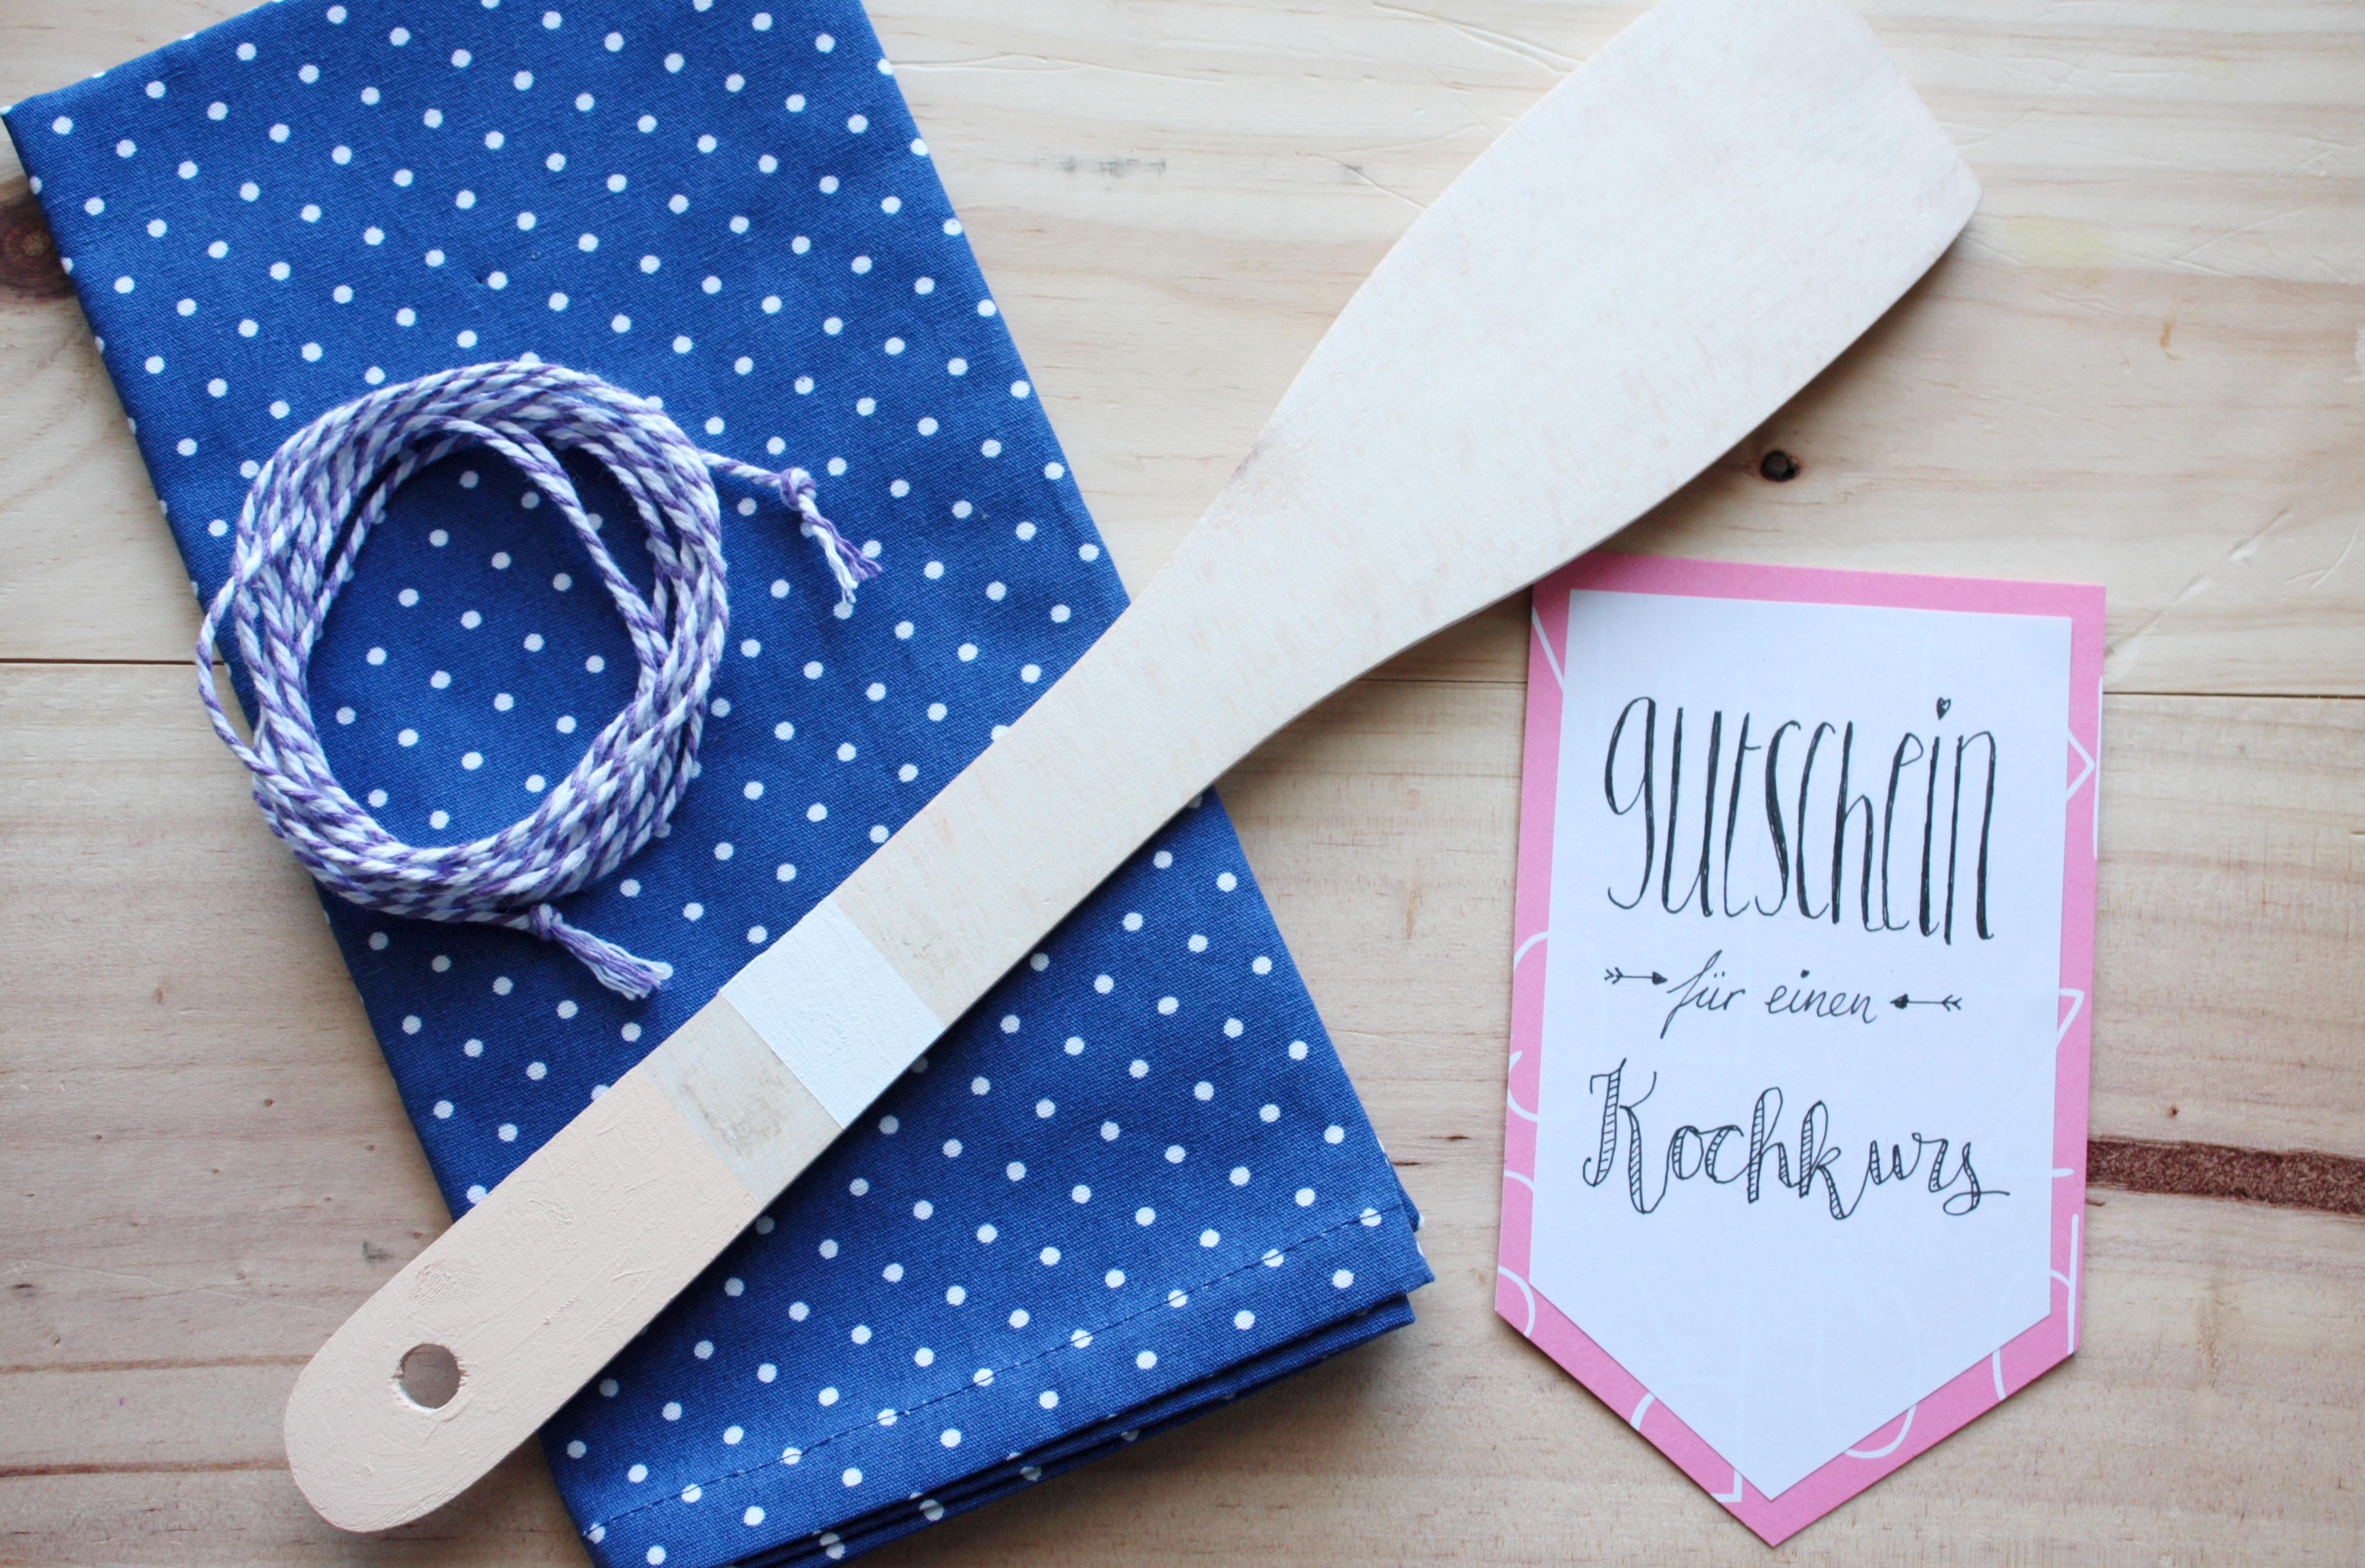 gutschein verpacken kochkurs 2 rosy grey diy blog lettering m nchen. Black Bedroom Furniture Sets. Home Design Ideas